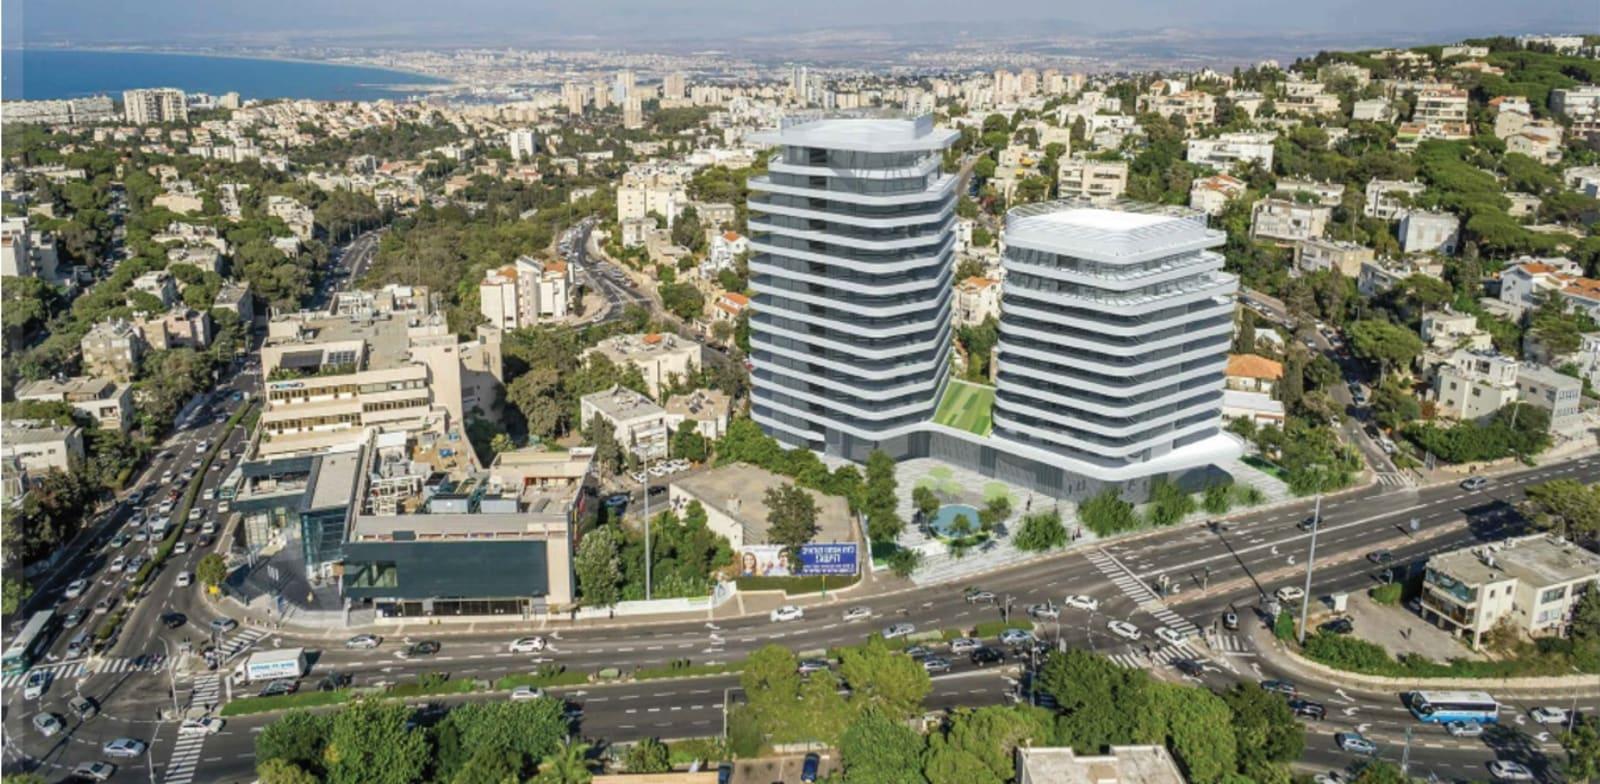 מרכז שכונת אחוזה בחיפה / הדמיה: משרד גורדון אדריכלים ומתכנני ערים